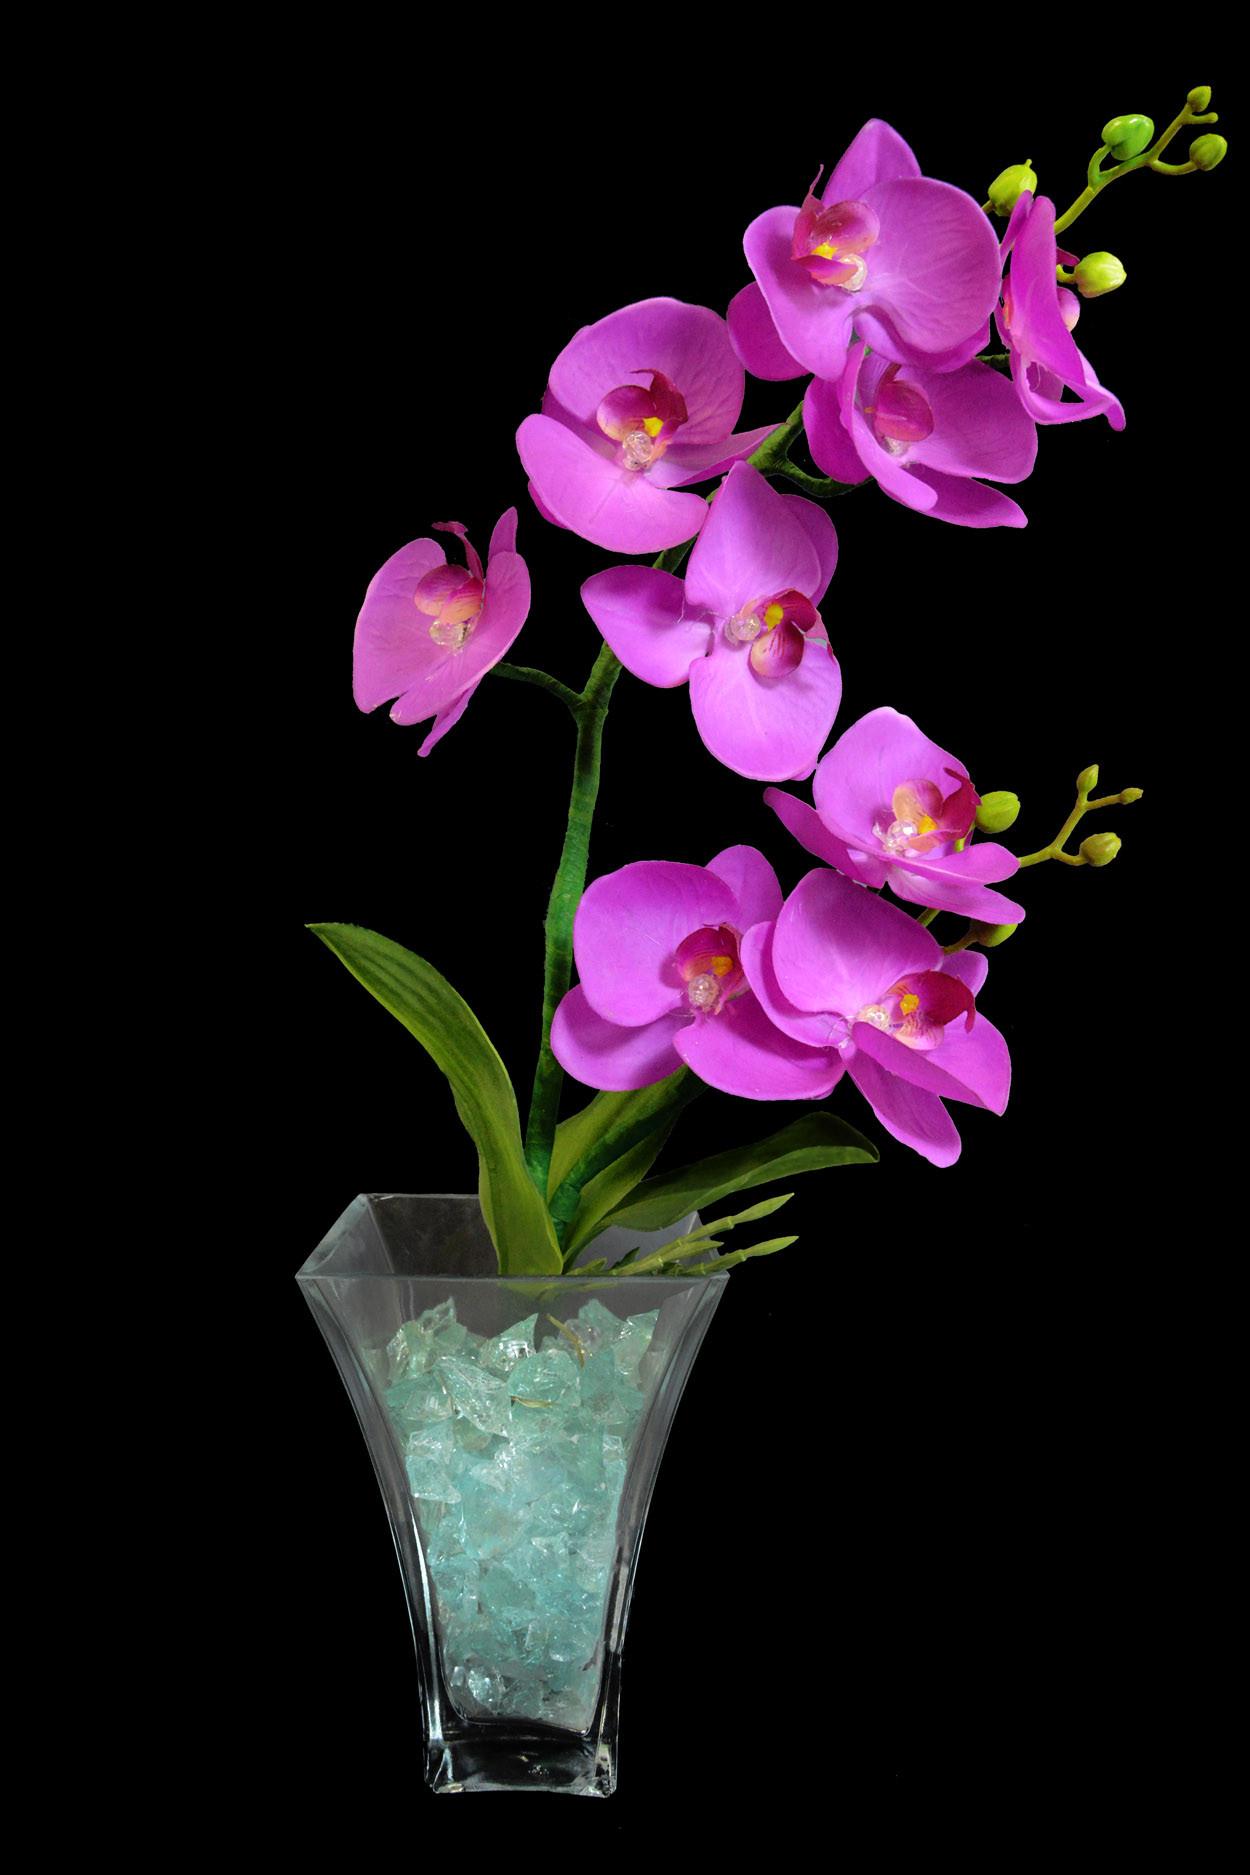 """Светильник """"Орхидея фиолетовые"""" (син-зел) 9 цветков от 4 800 руб"""